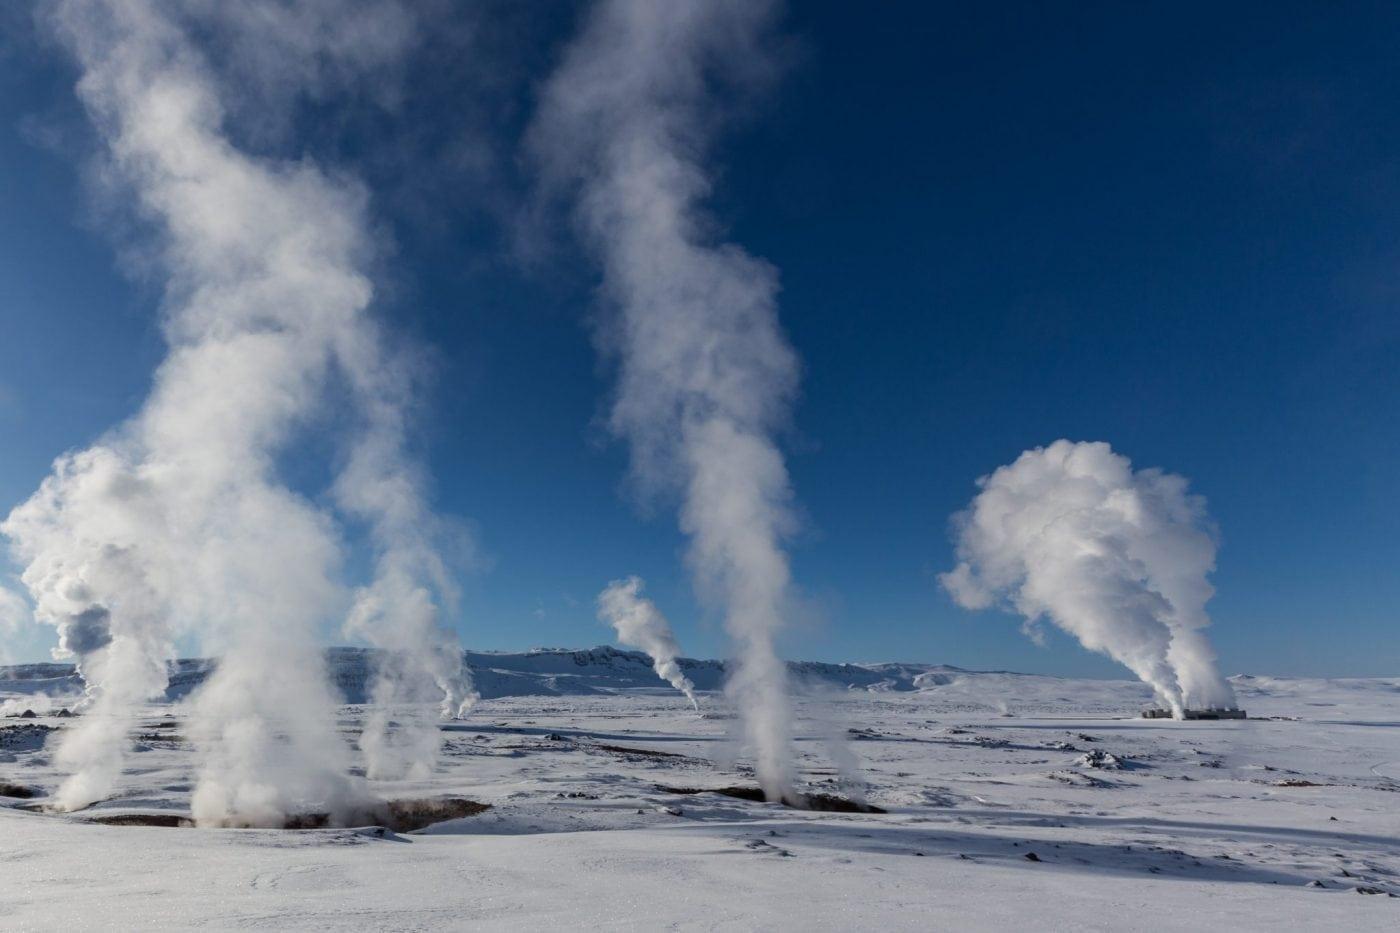 冬季的诗_EIMUR - 加强创新与其在地热资源领域的作用 - Icelandic Times